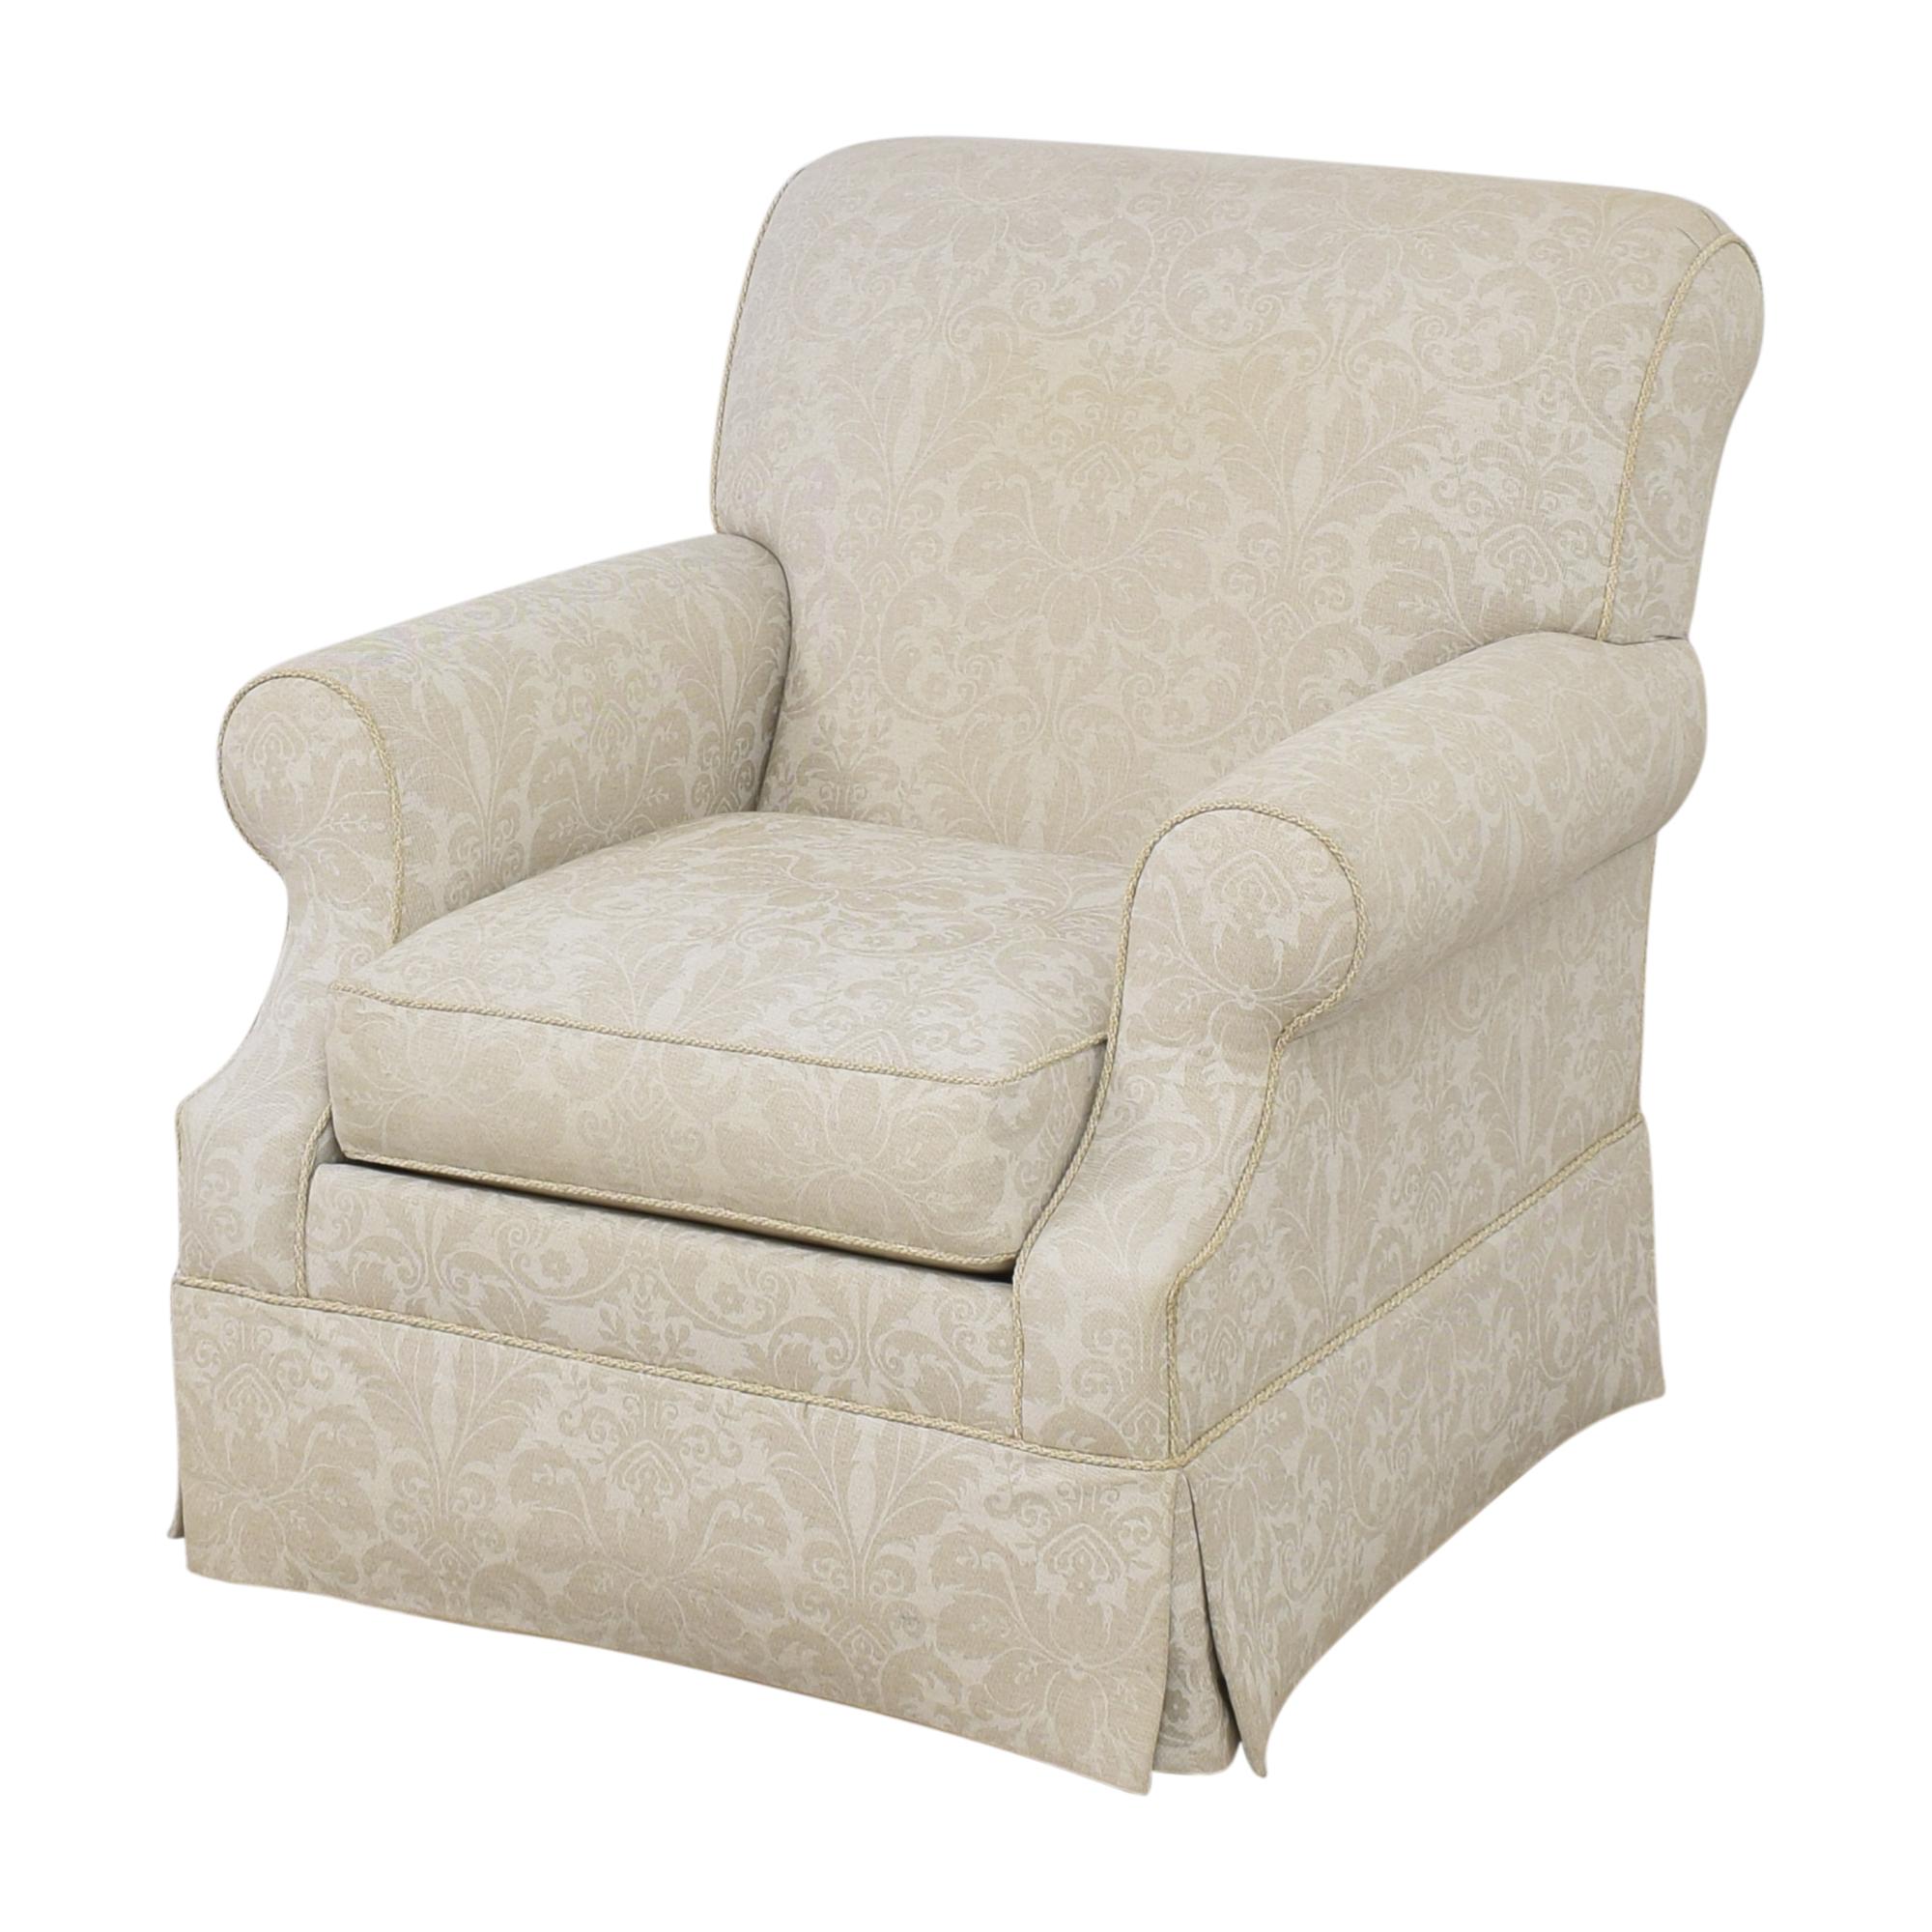 shop Ethan Allen Ethan Allen Damask Accent Chair online